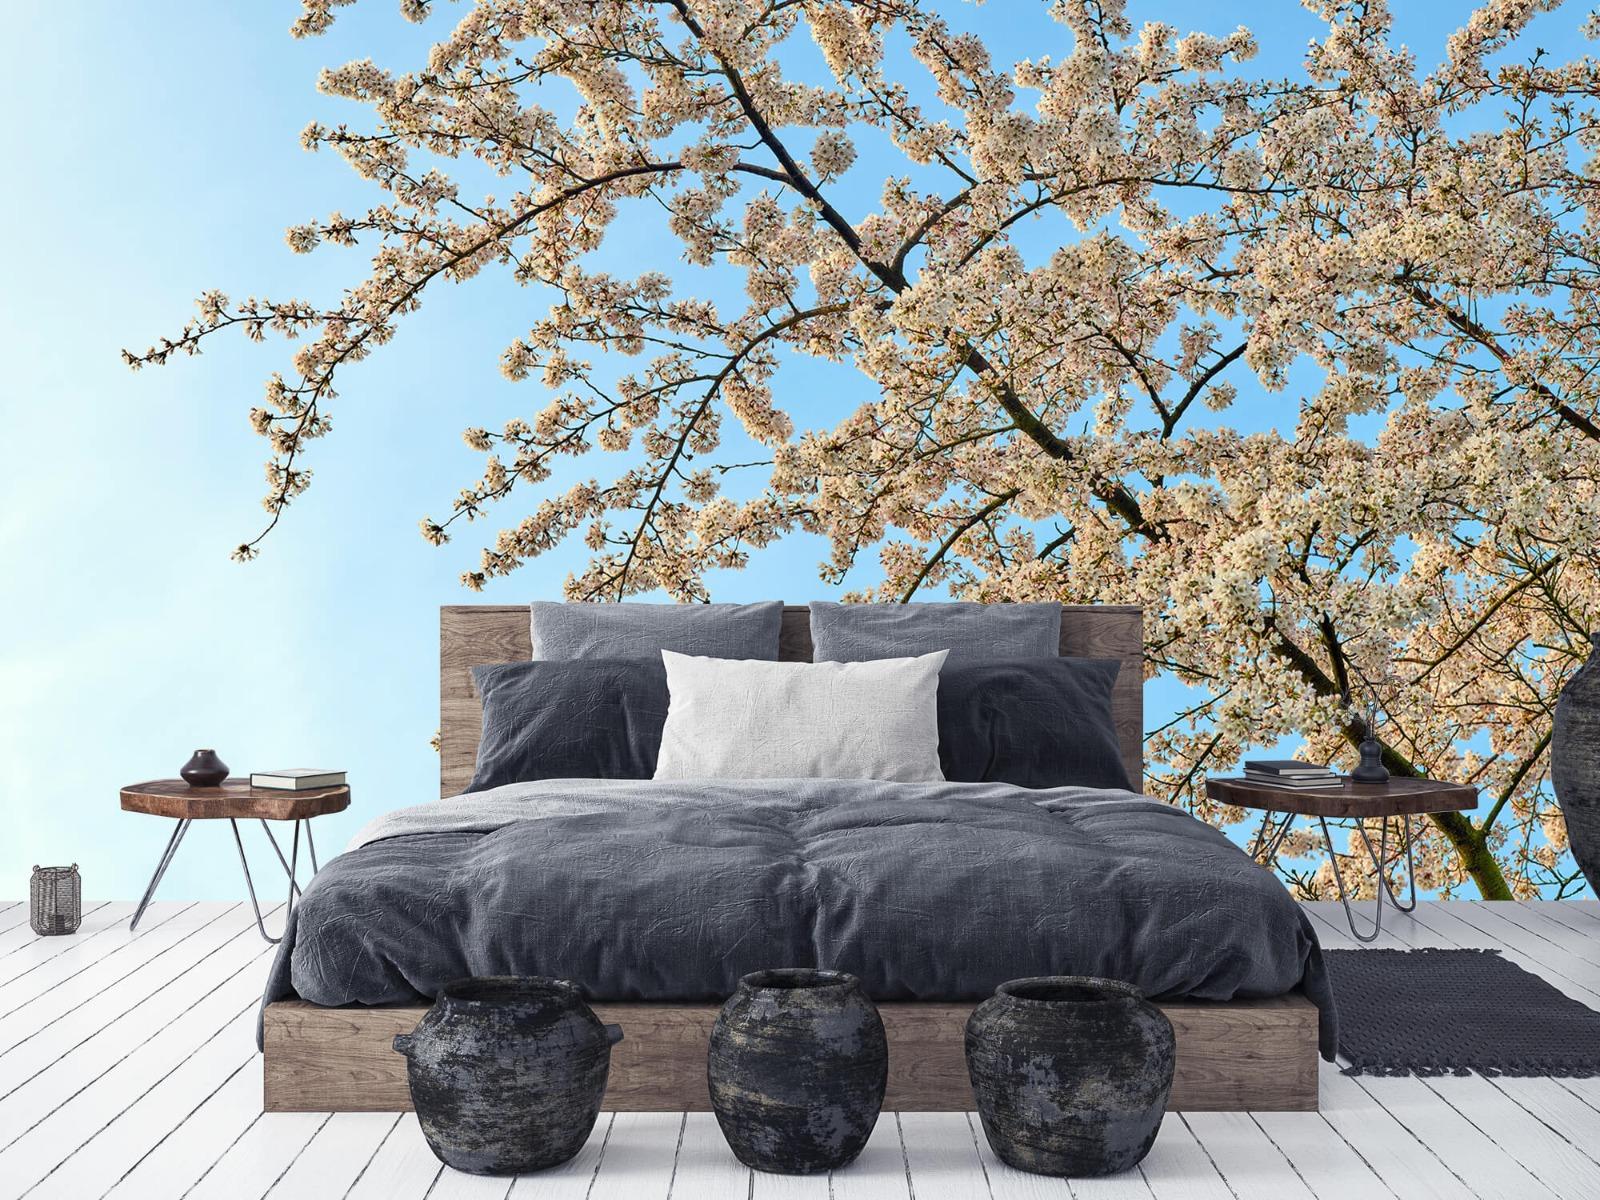 Bomen - Bloesemtak - Slaapkamer 5